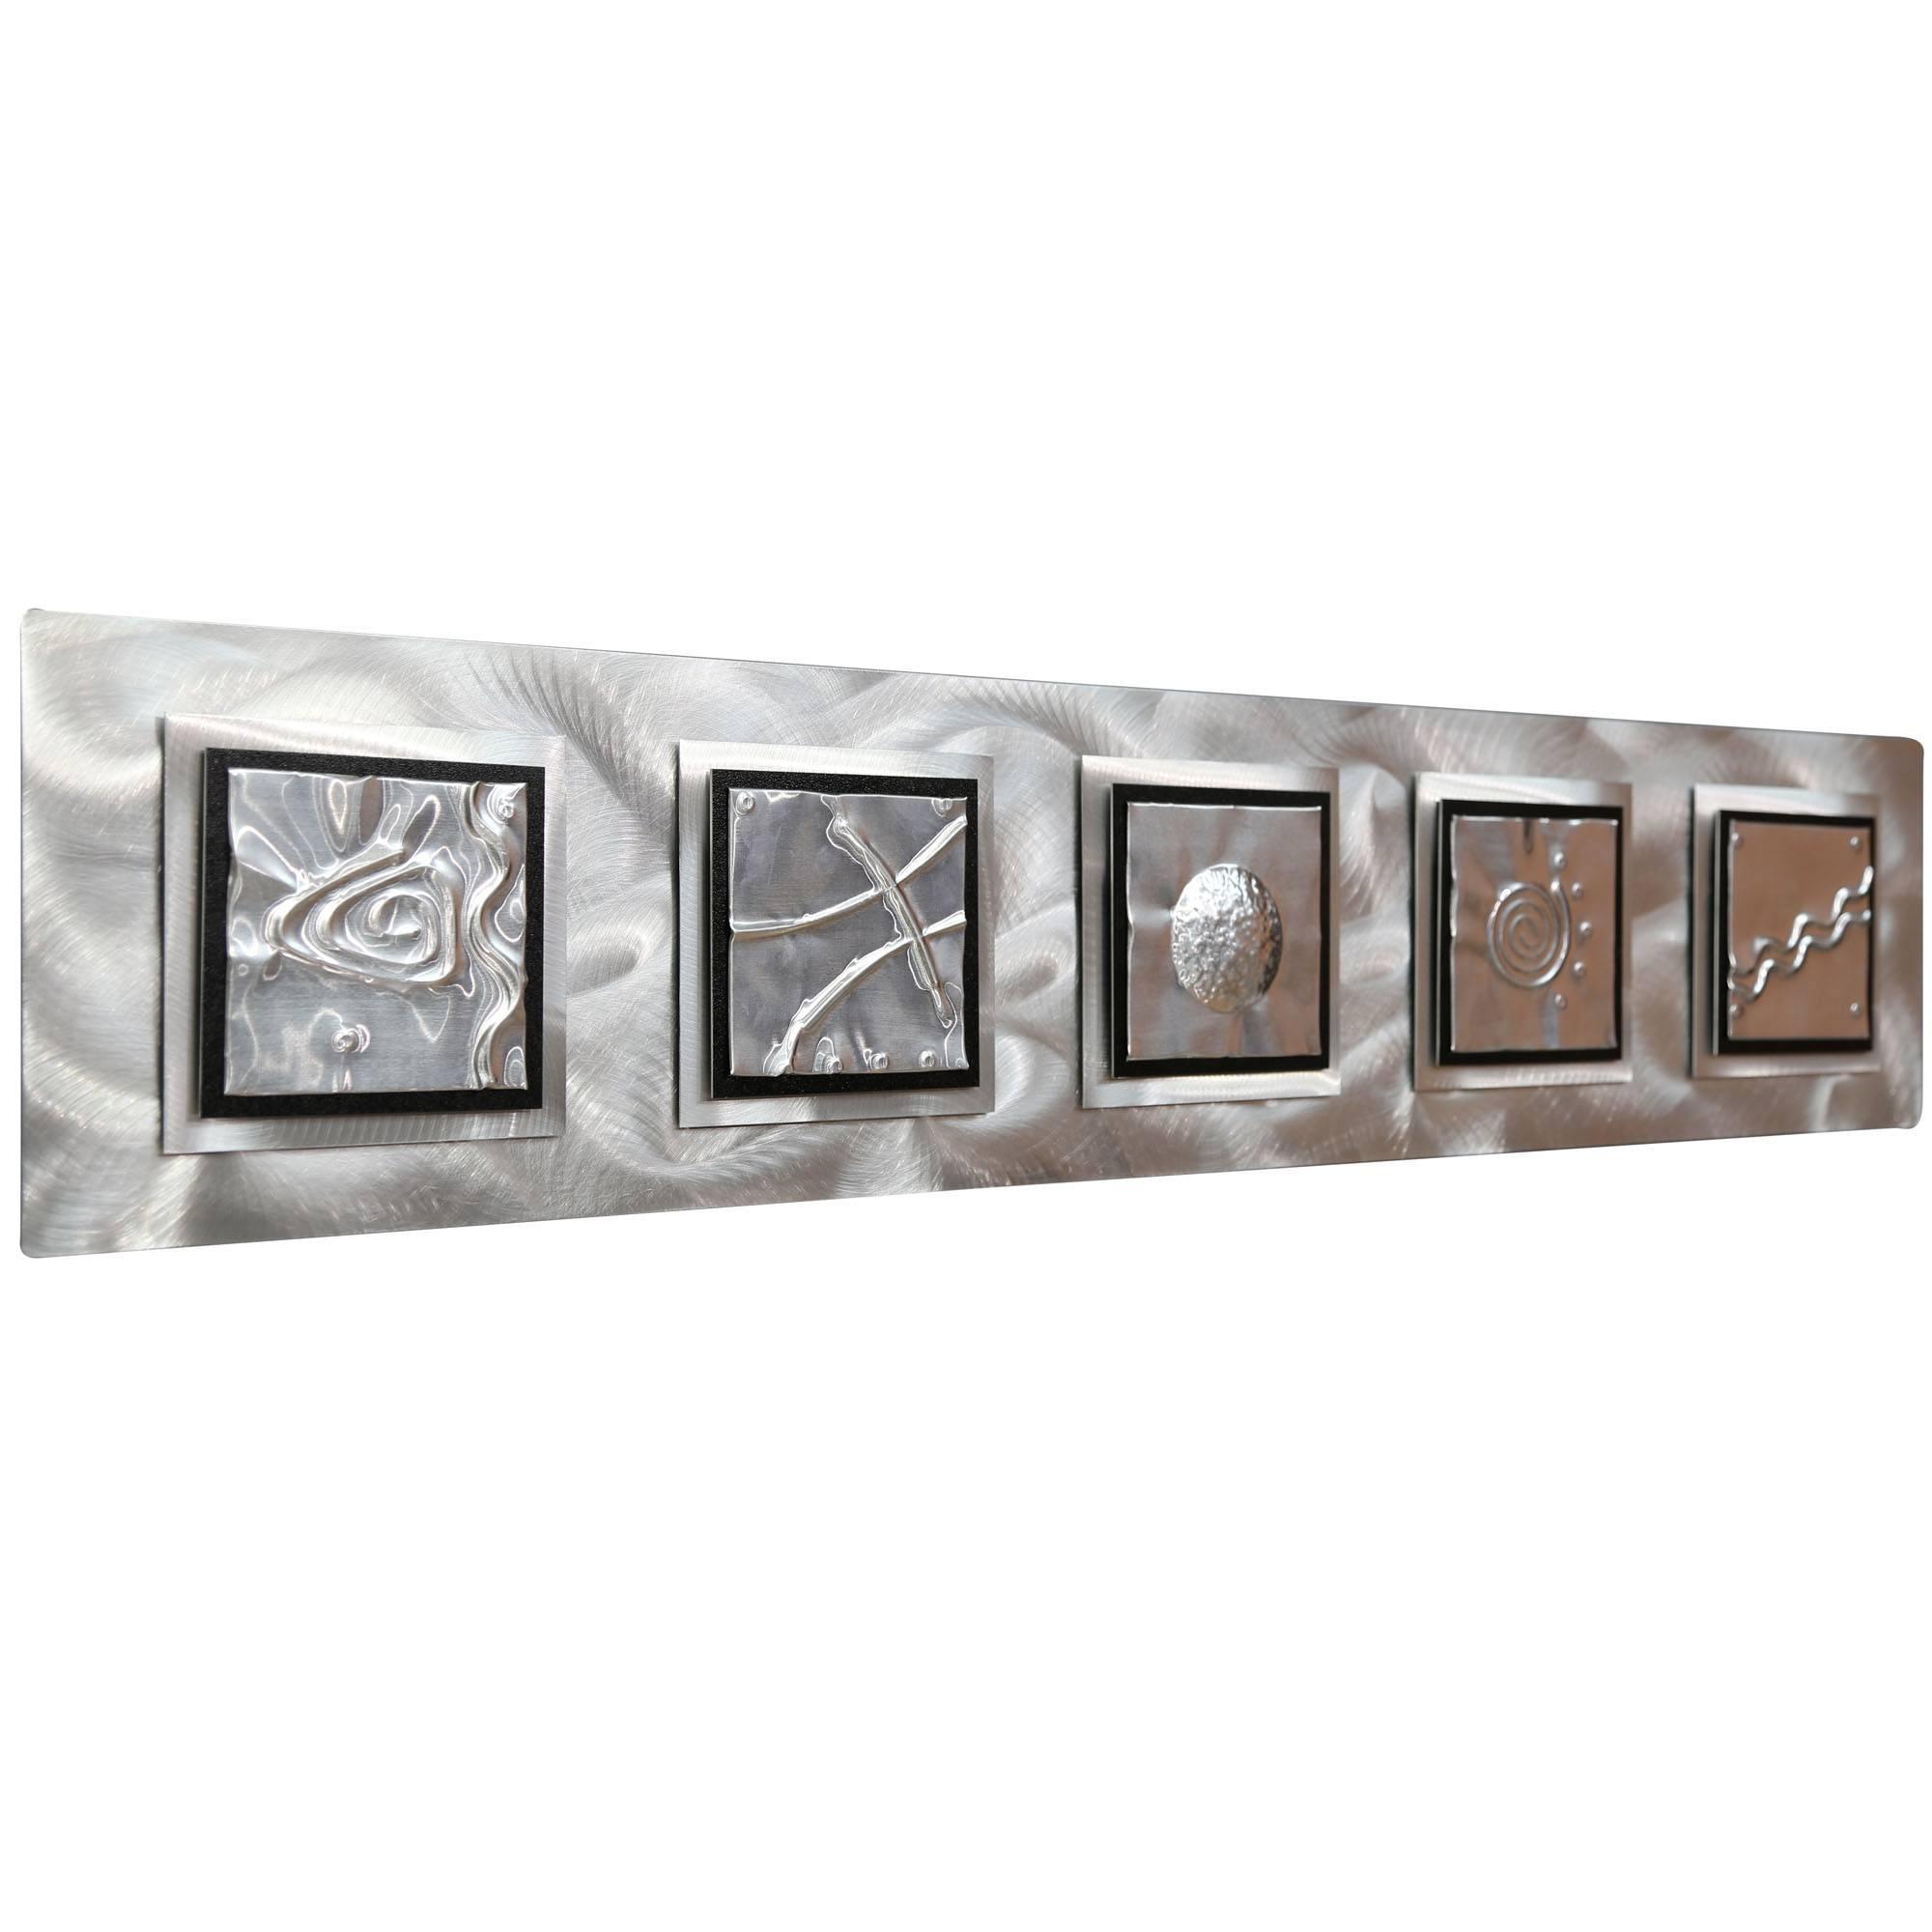 5 Elements - Silver/black Zen Metal Wall Art Accentjon Allen throughout Current Elements Wall Art